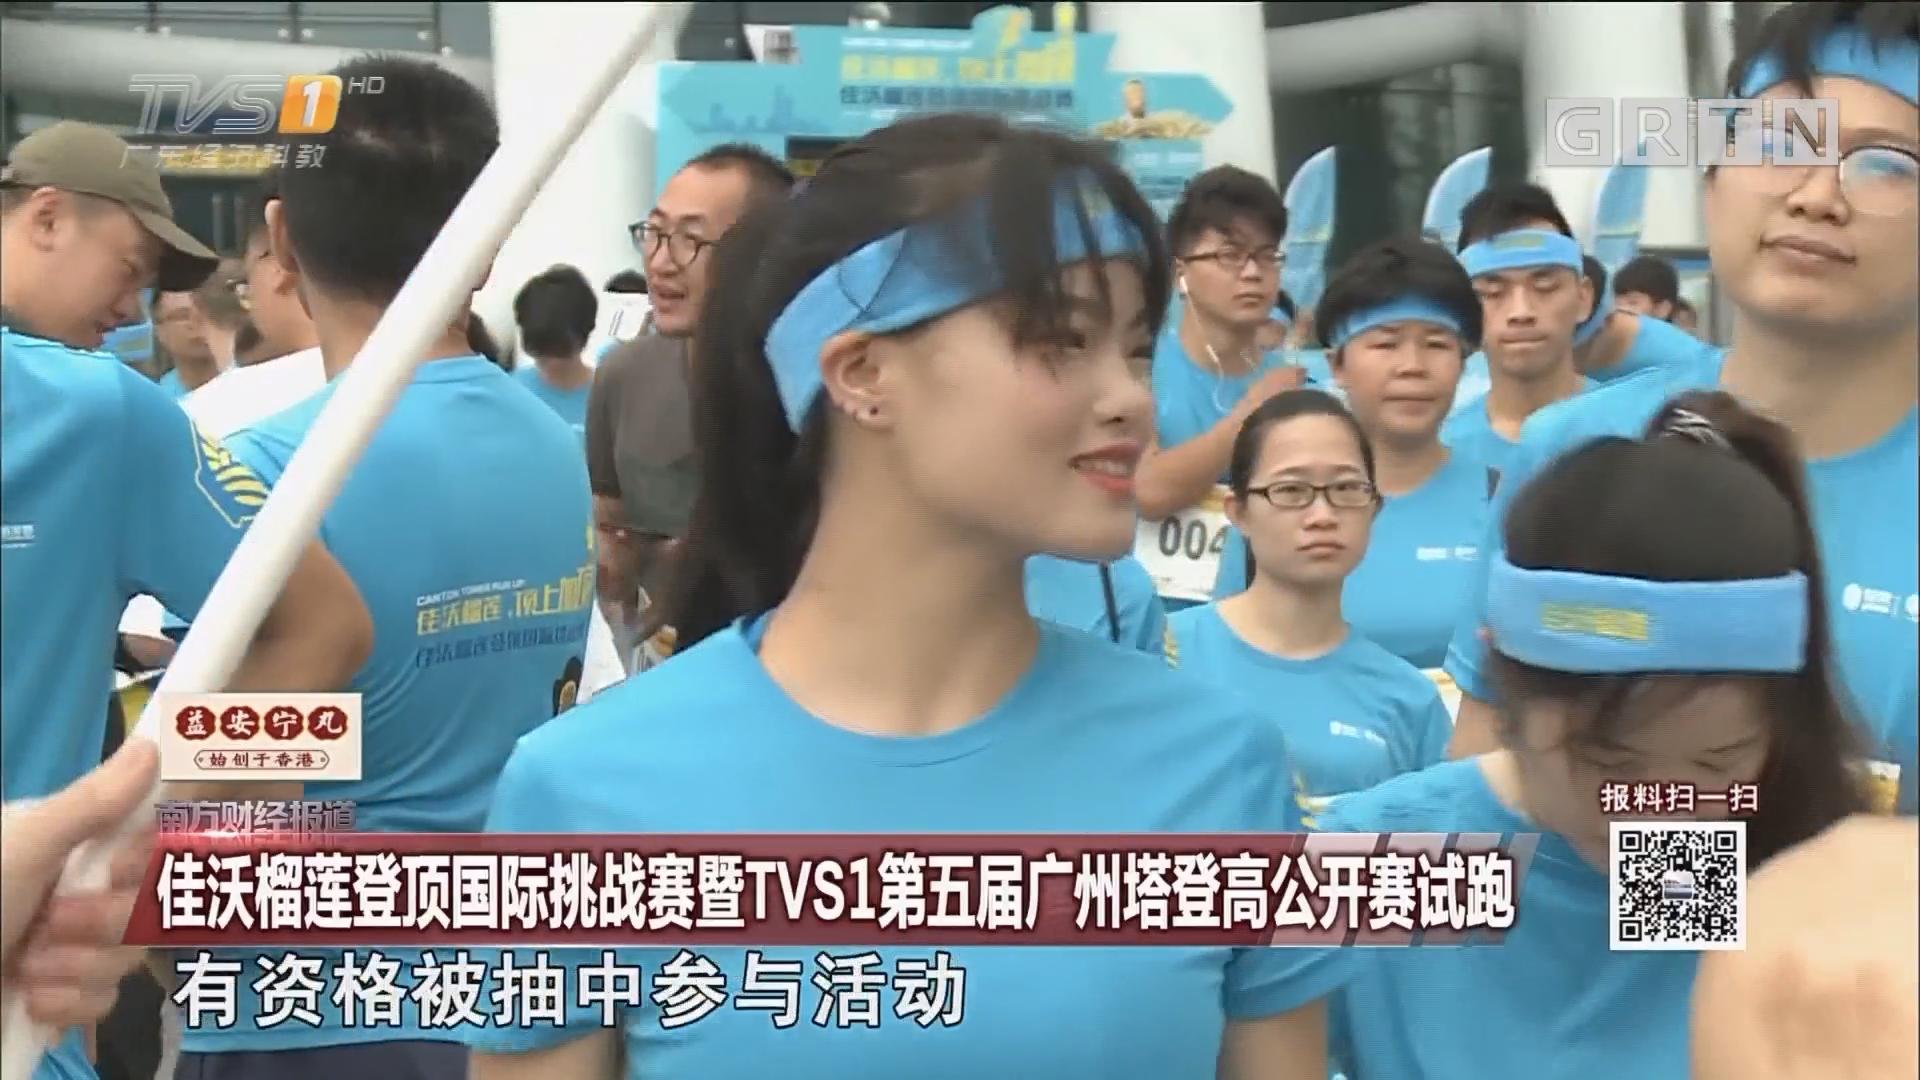 佳沃榴莲登顶国际挑战赛暨TVS1第五届广州塔登高公开赛试跑